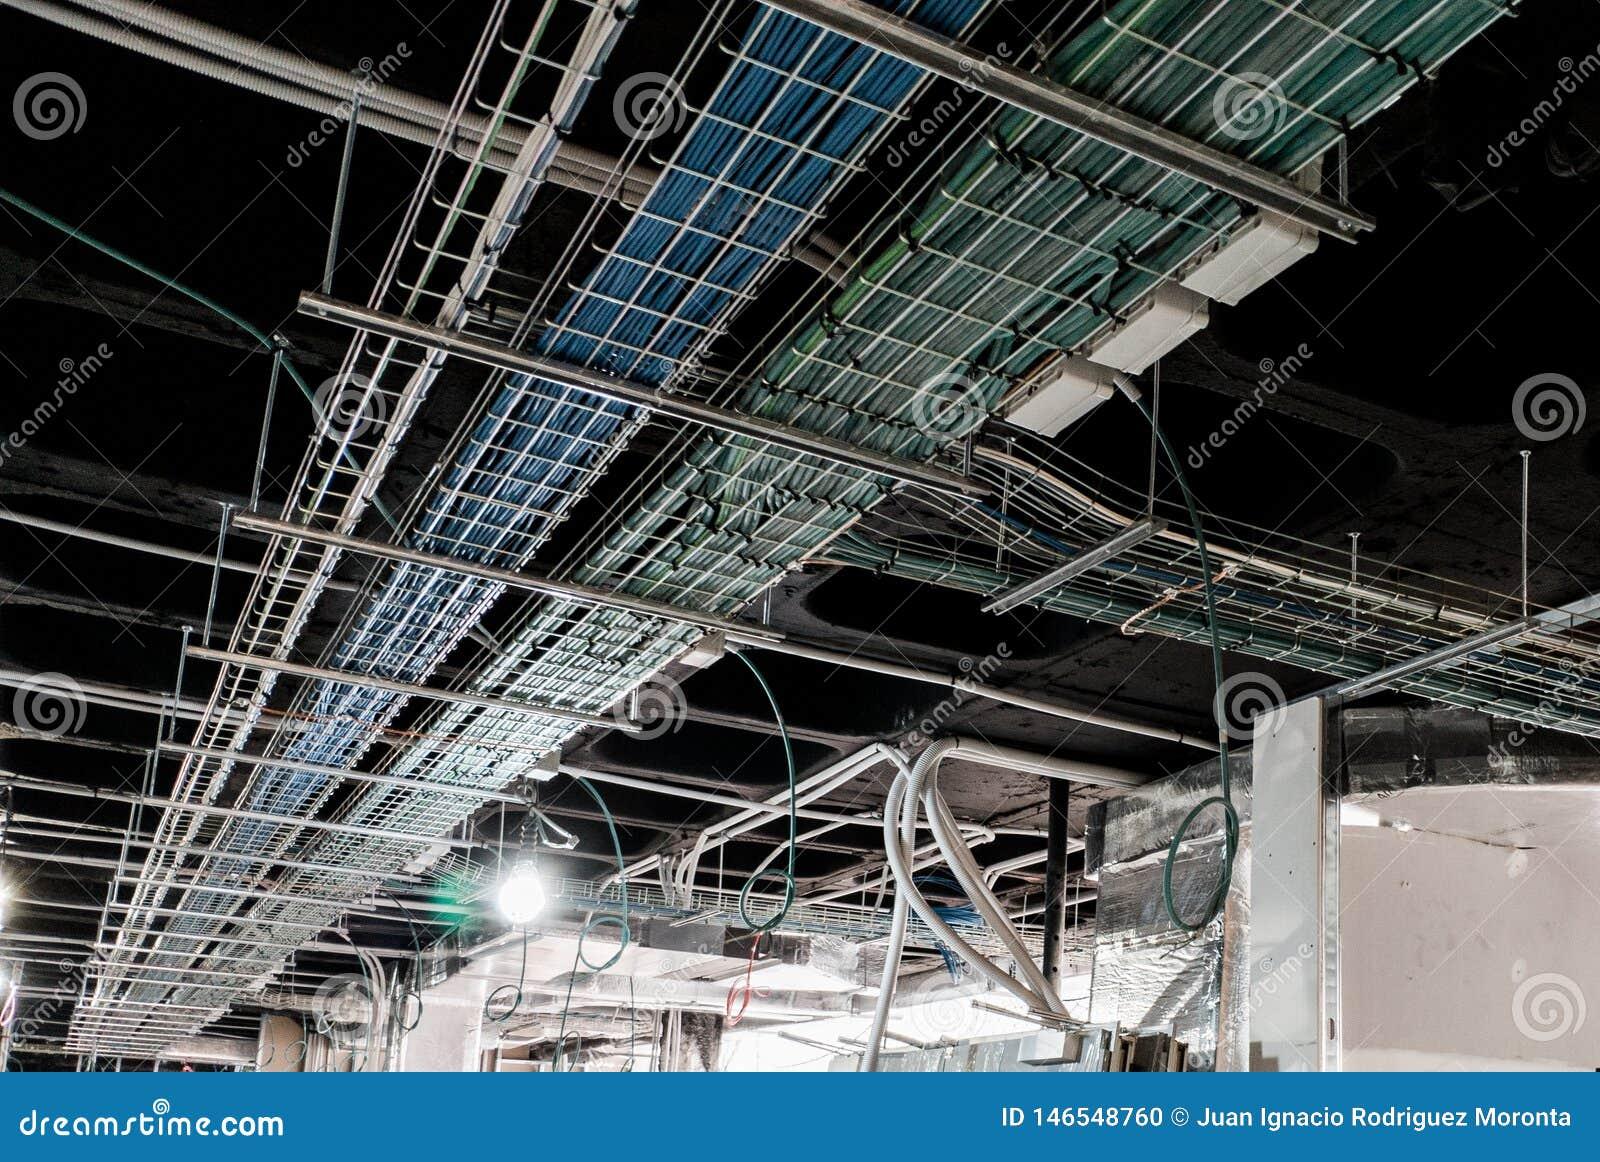 Plateaux électriques pour le câblage électrique et de données